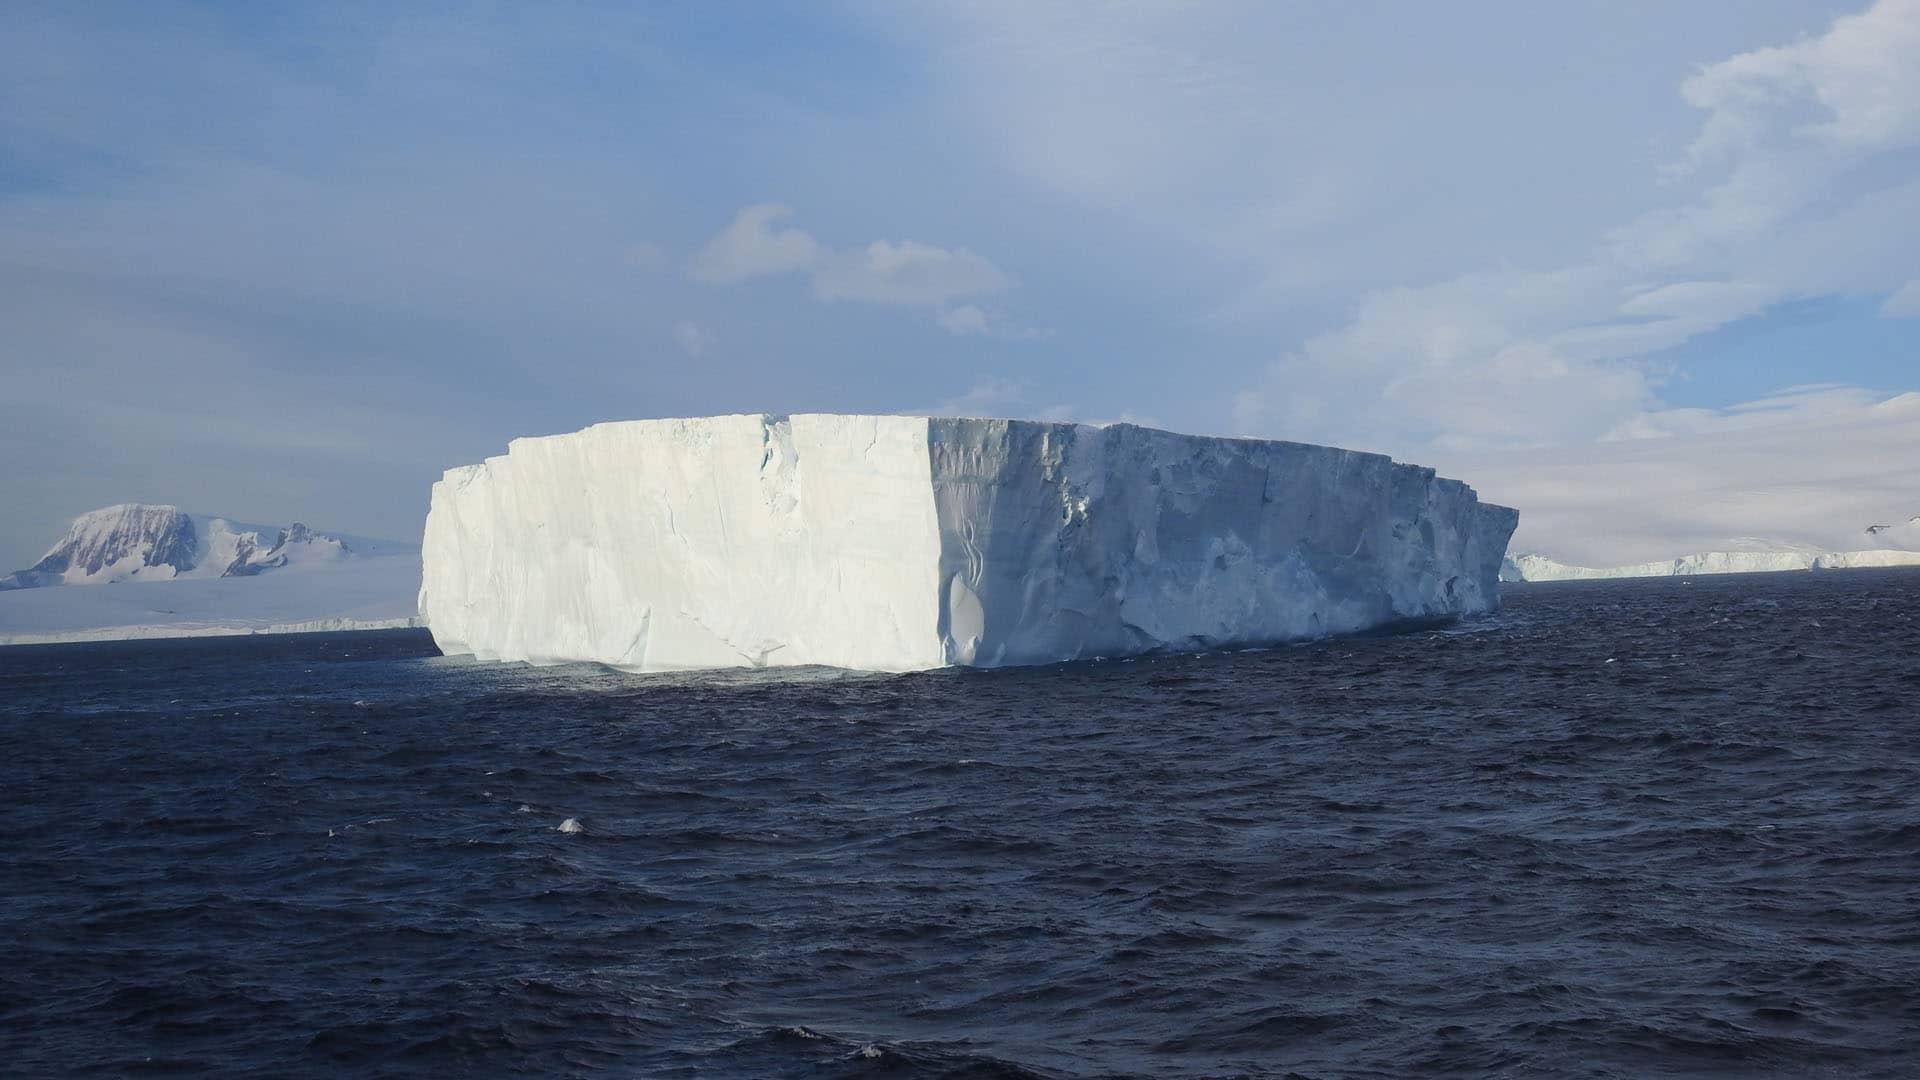 Hasse plädiert für eine Verbesserung der ökologischen Komponente von Kreuzfahrten. Er steht für Vorträge in der Landeskunde Antarktis/Arktis/Alaska sowie die Kulturgeschichte des Mittelmeeres zur Verfügung.